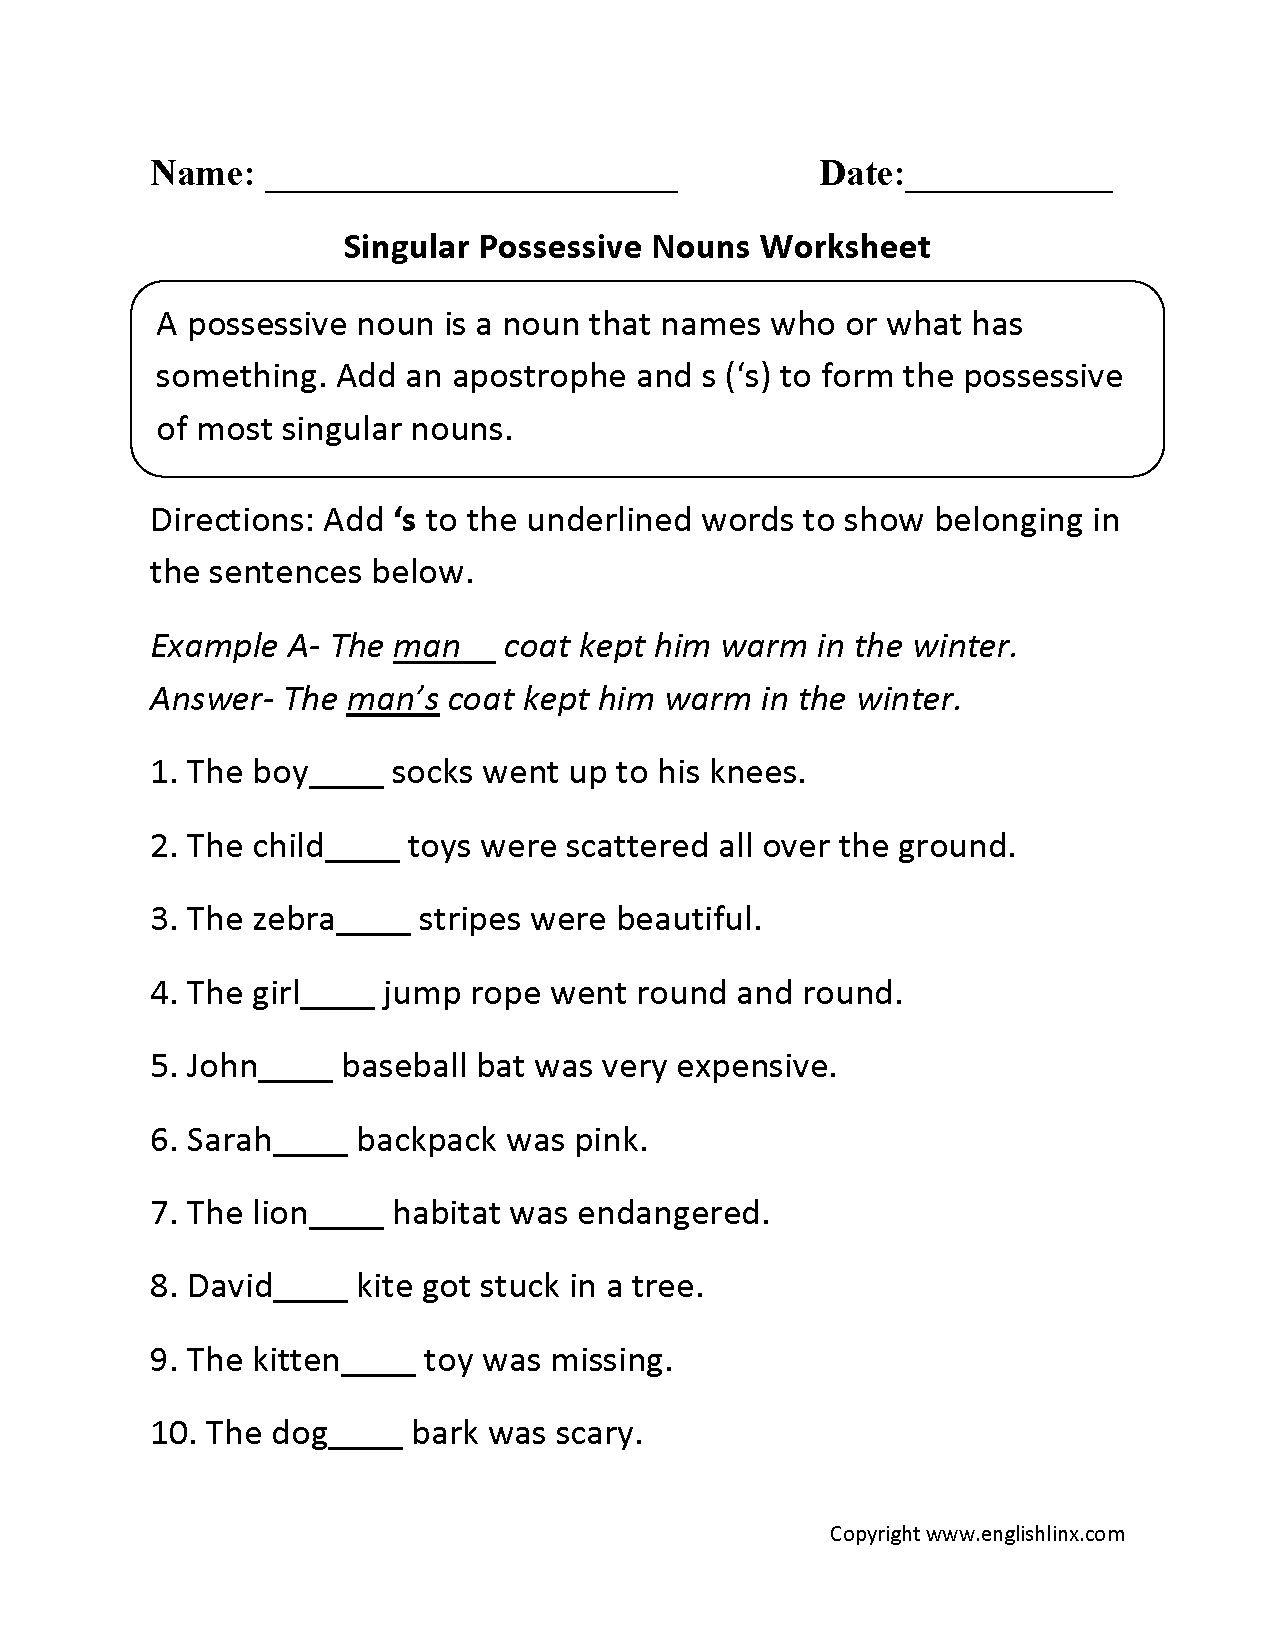 10 Recent Singular And Plural Worksheets For Kindergarten